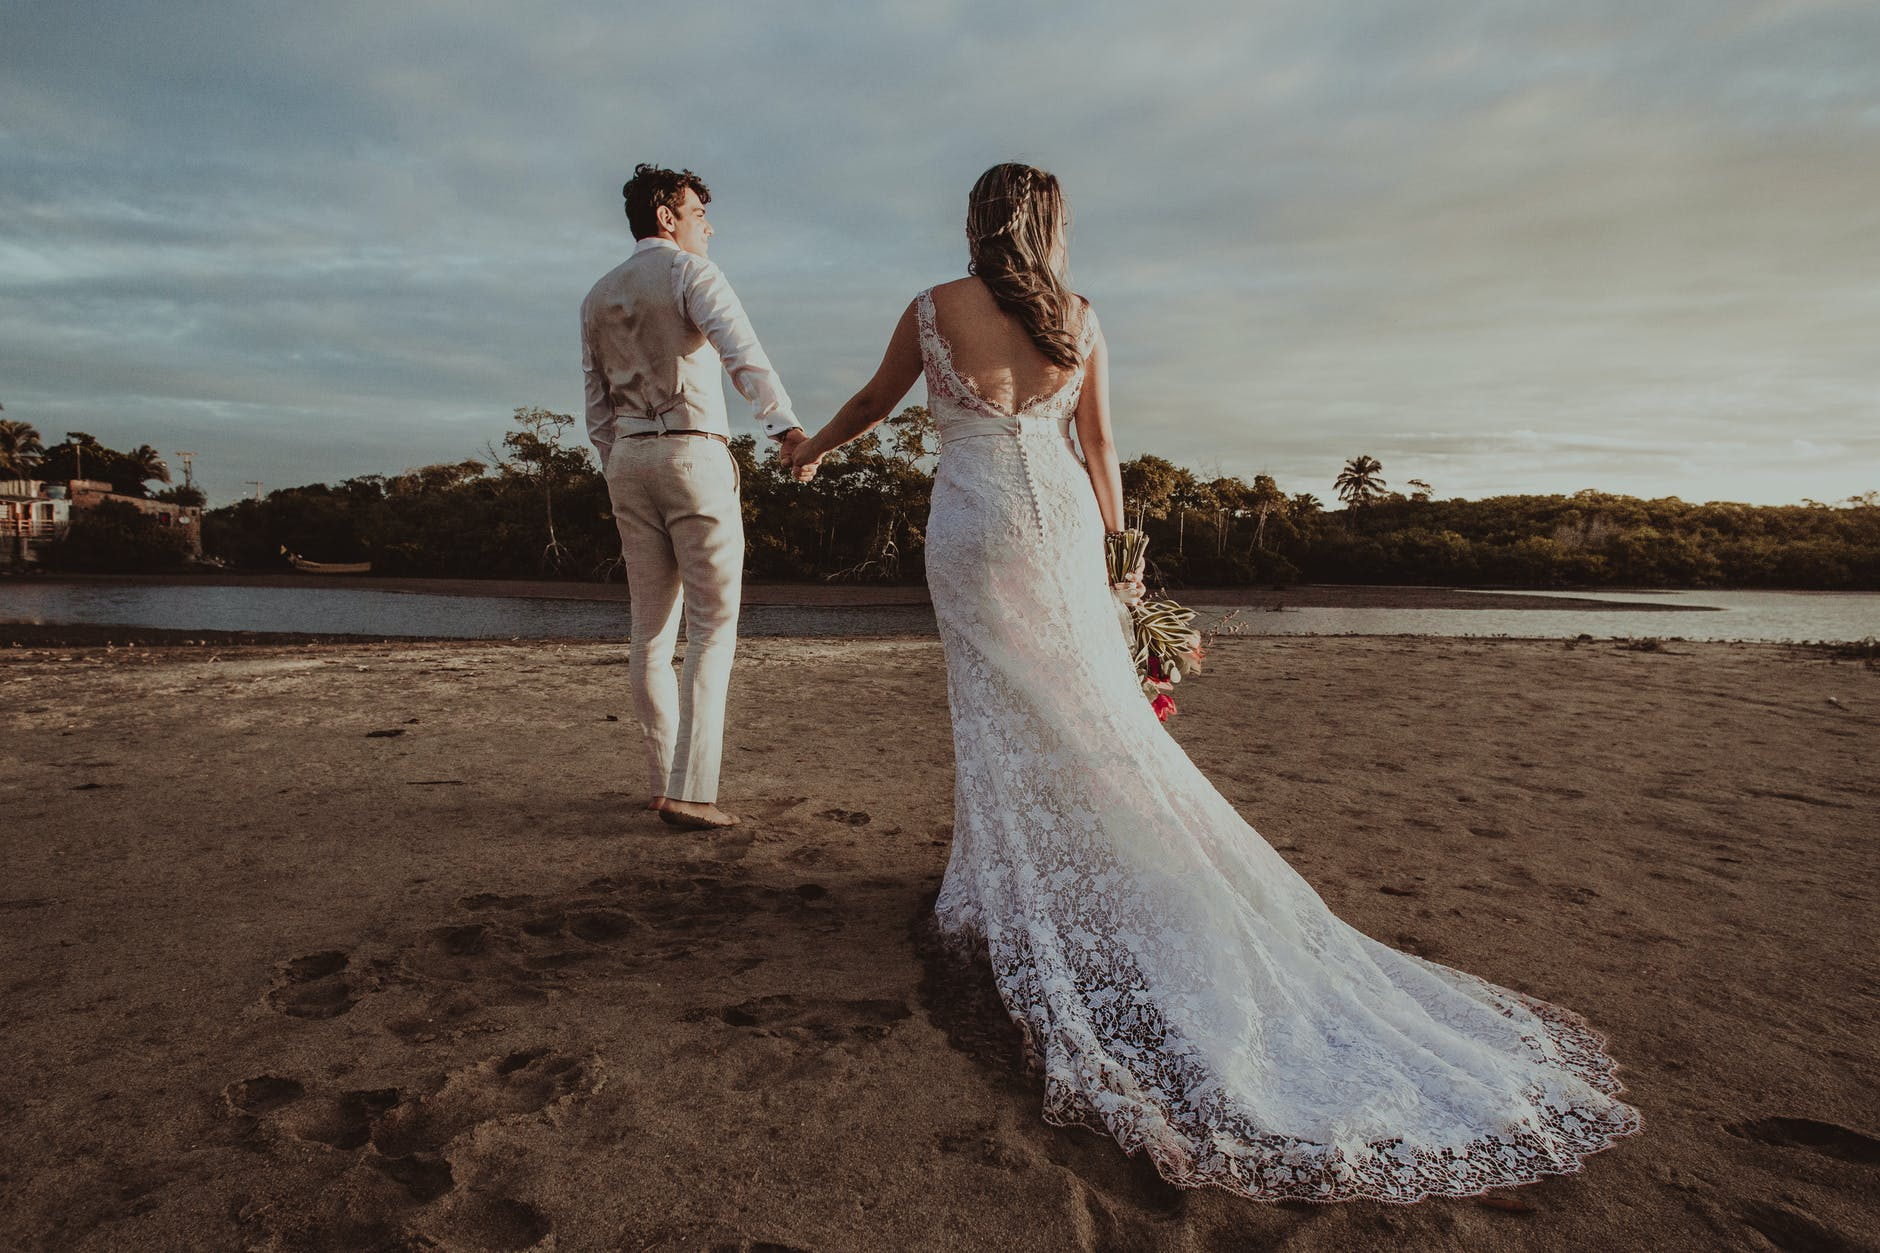 朋友晒结婚照幽默评论 怎么幽默评论别人的结婚照